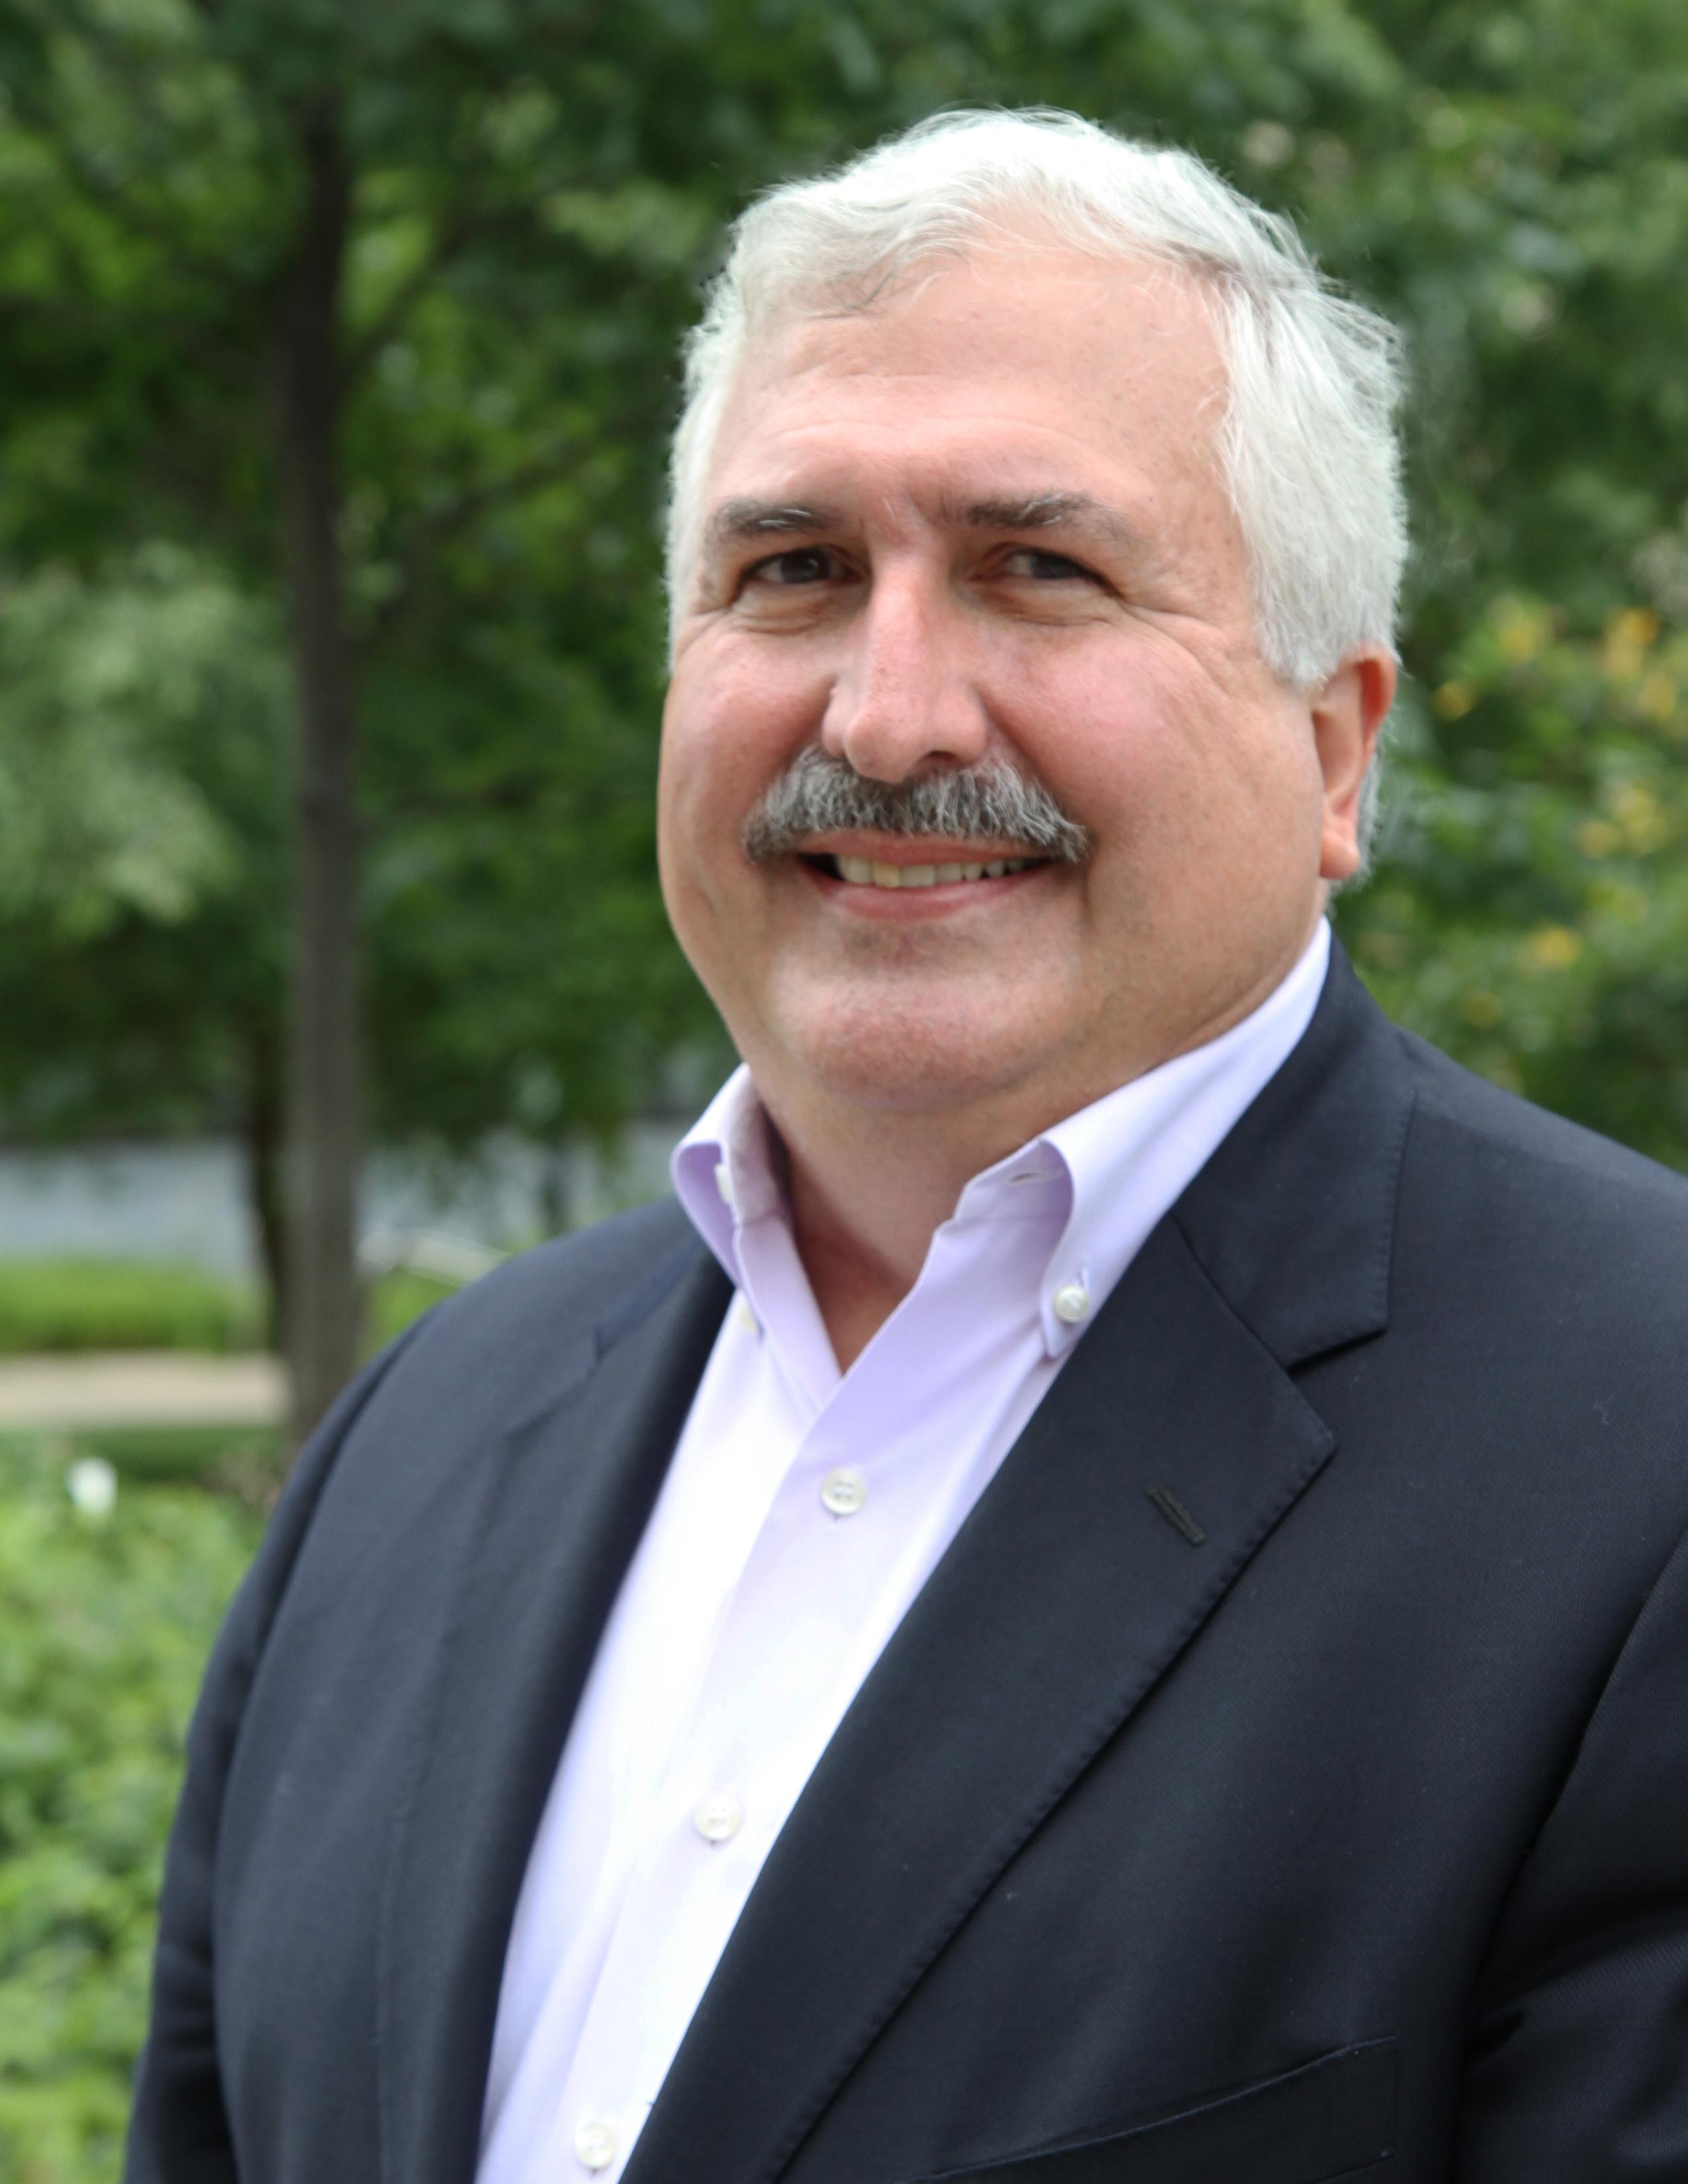 David J. Fornari